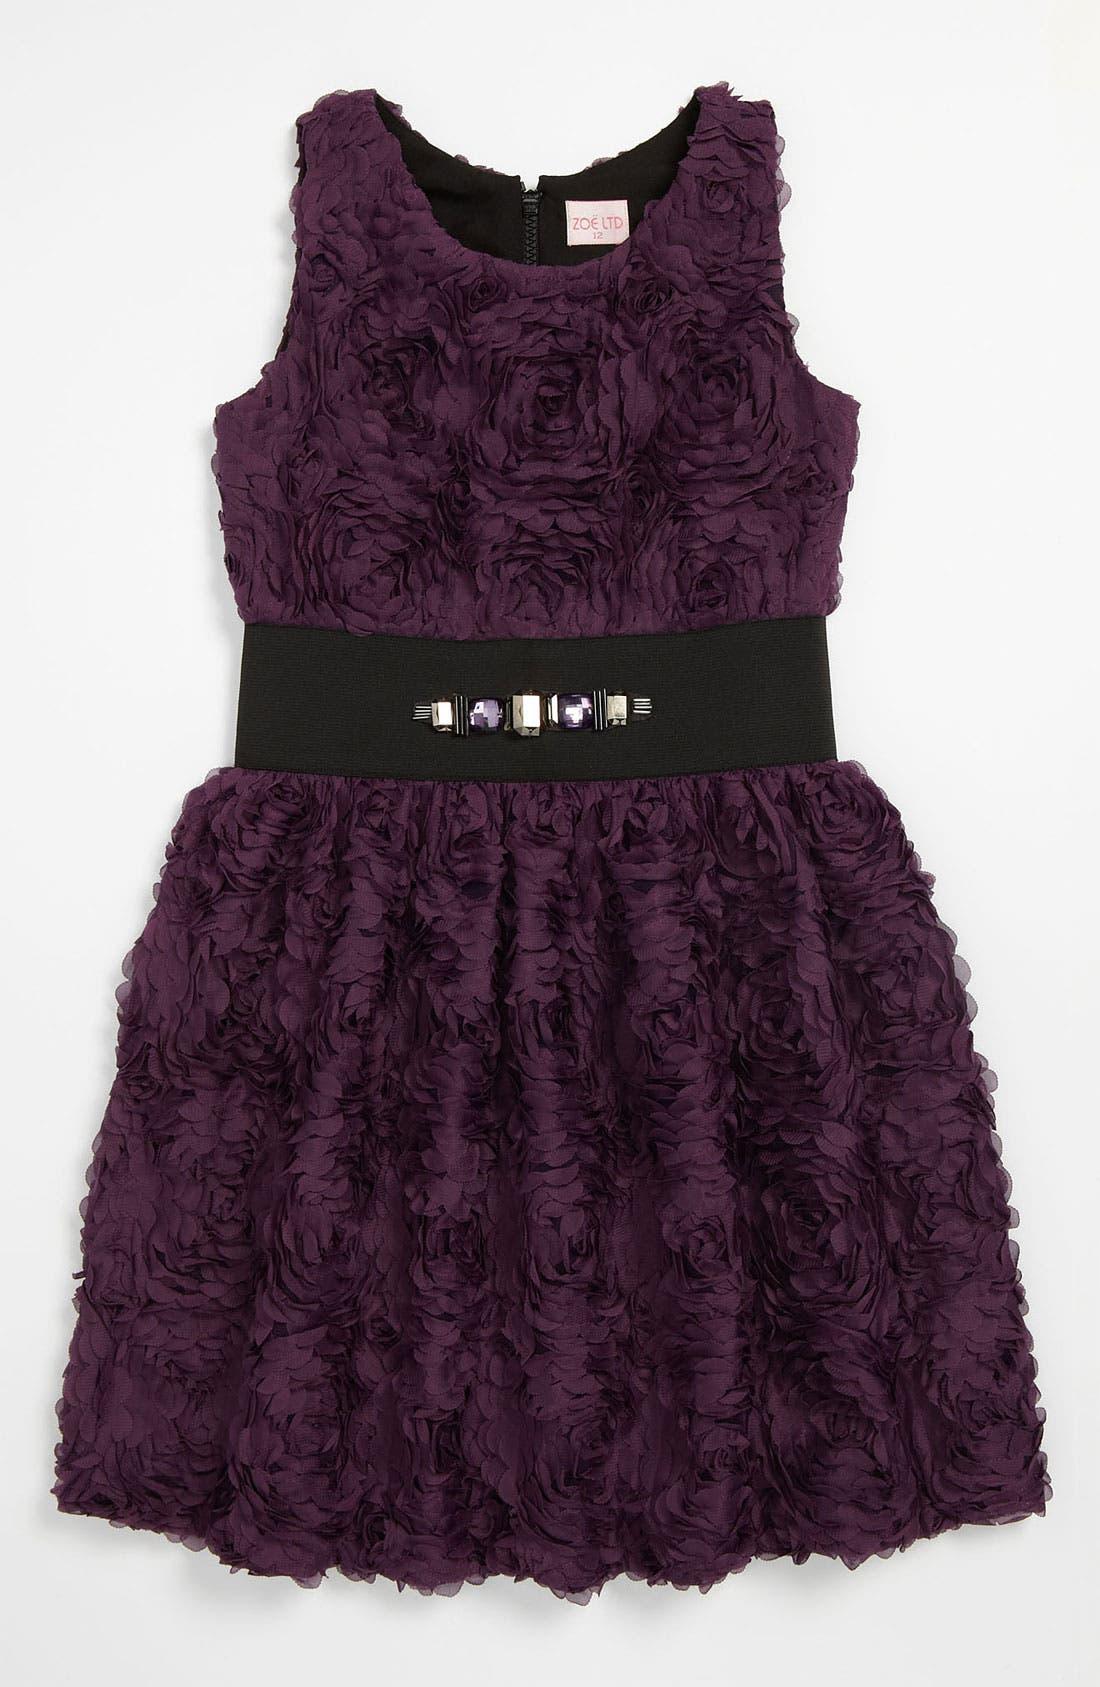 Zoe Ltd 'Roses' Dress,                             Main thumbnail 1, color,                             Purple